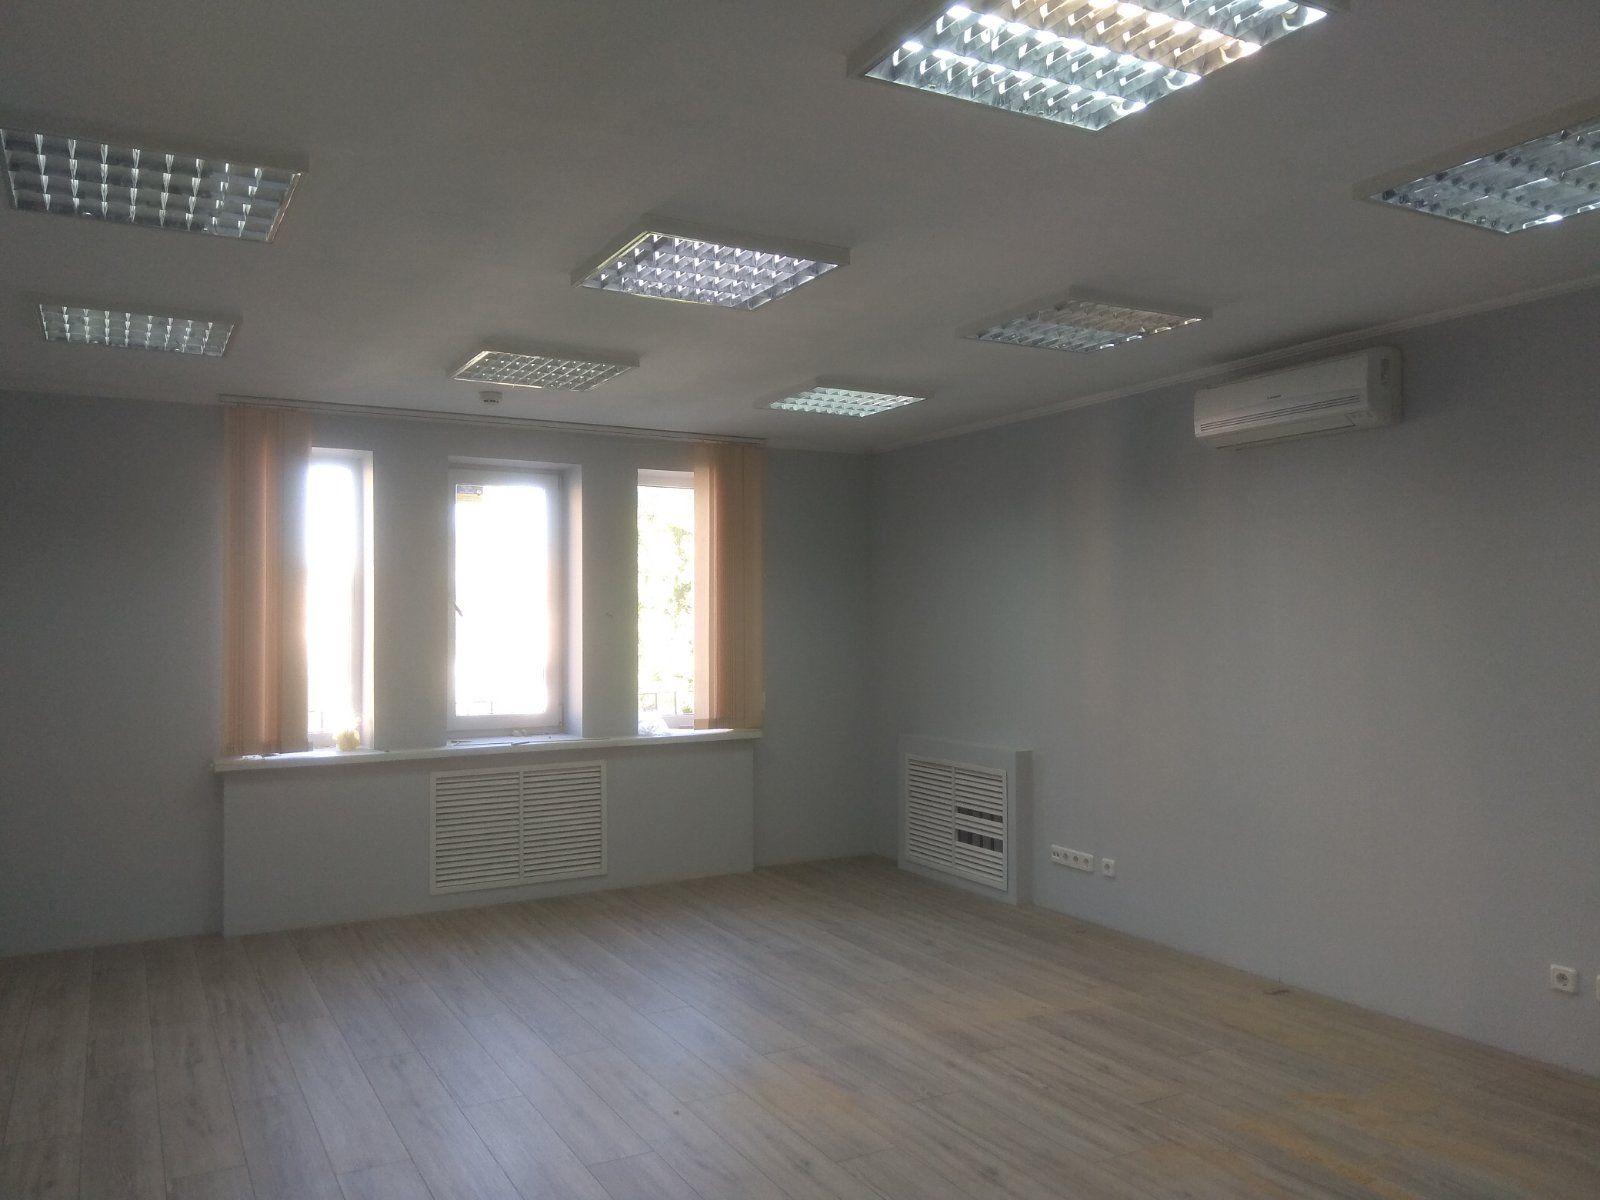 Офис, W-6249536, Верхний Вал, 30а, Киев - Фото 6